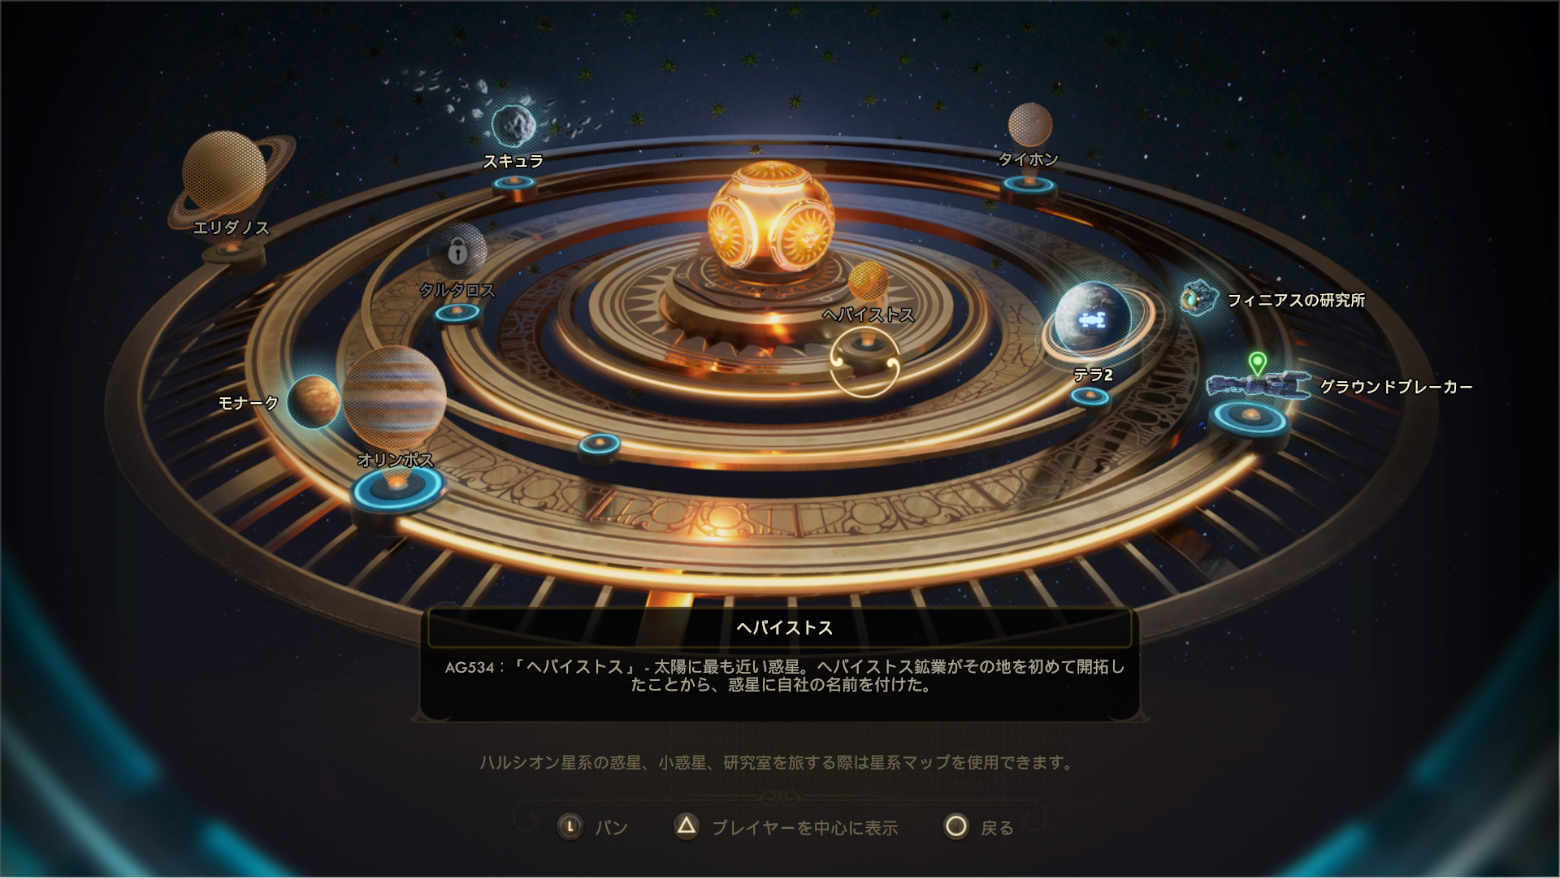 アウターワールド のハルシオン星系